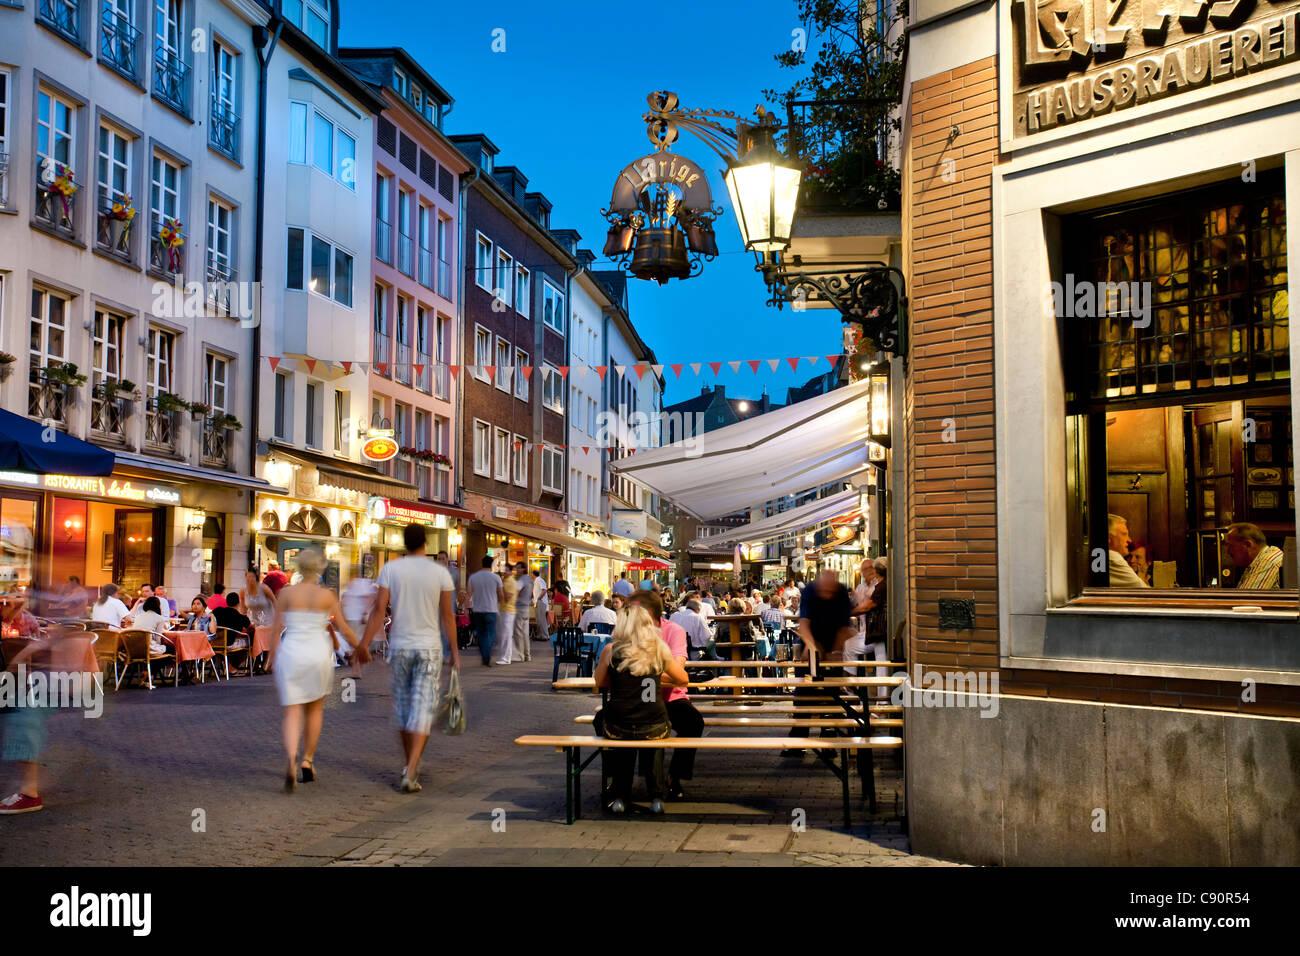 People at brewery Uerige at the Old town, Duesseldorf, Duesseldorf, North Rhine-Westphalia, Germany, Europe - Stock Image